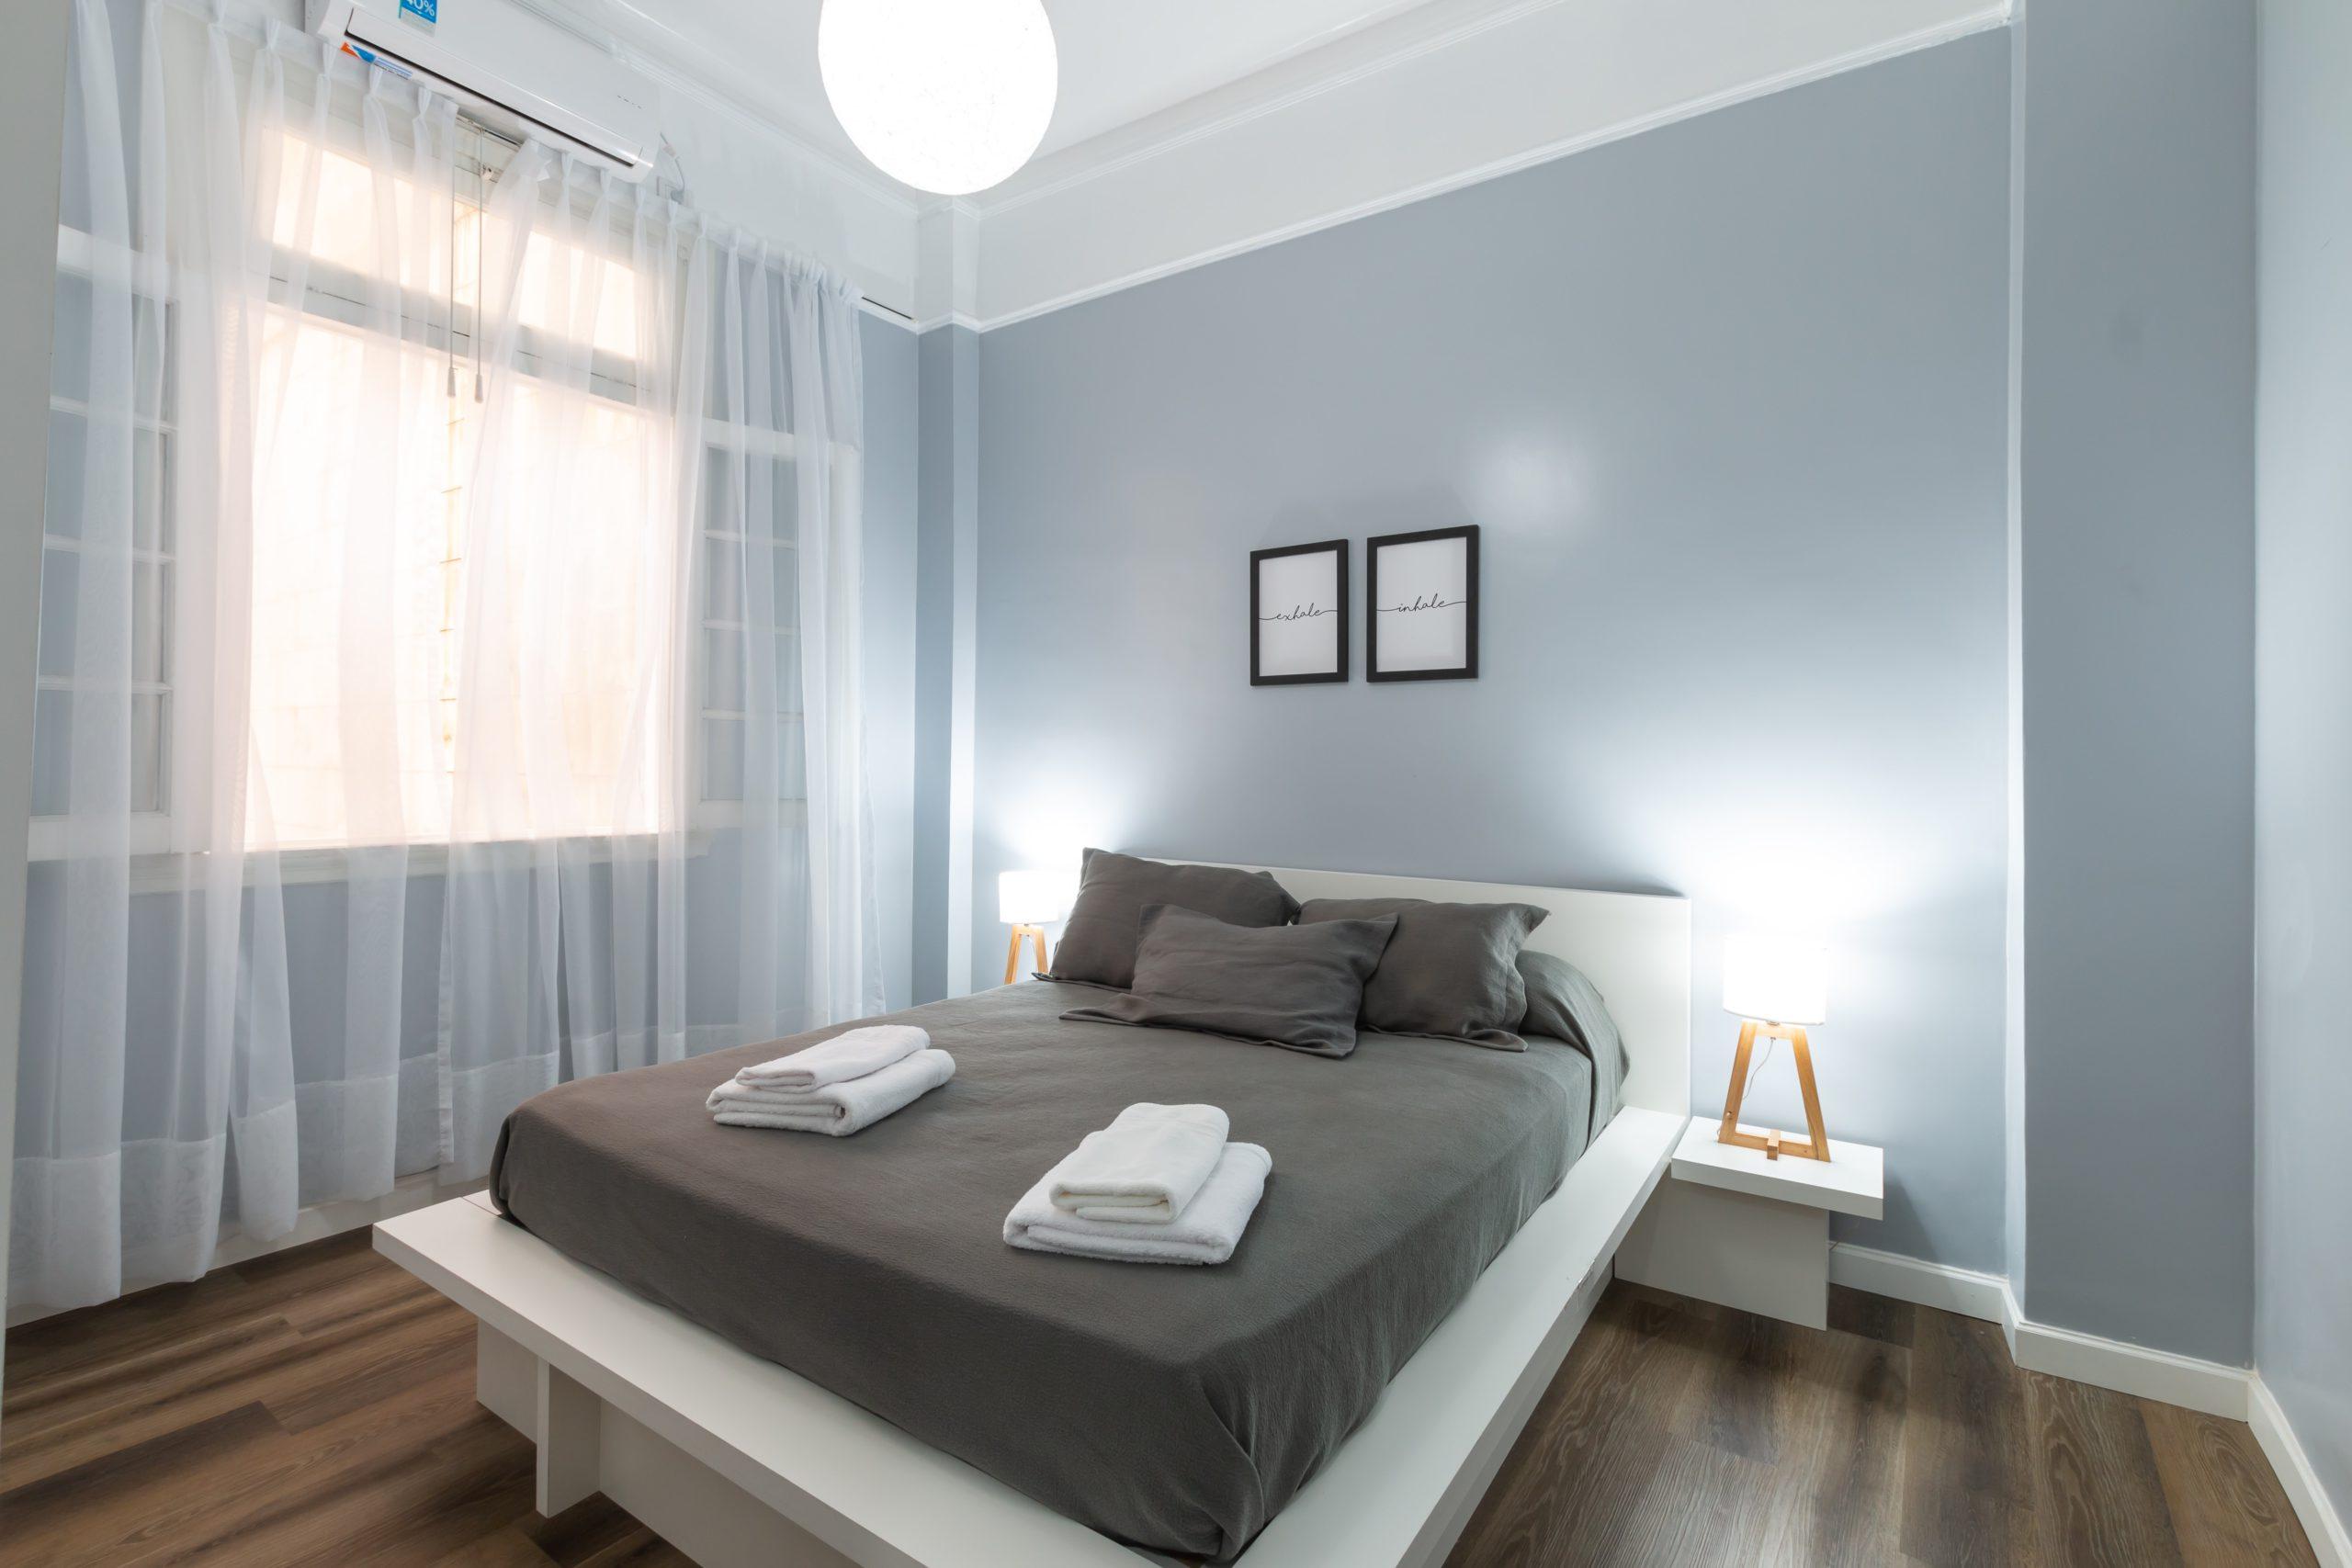 灰藍配白色牆身顏色